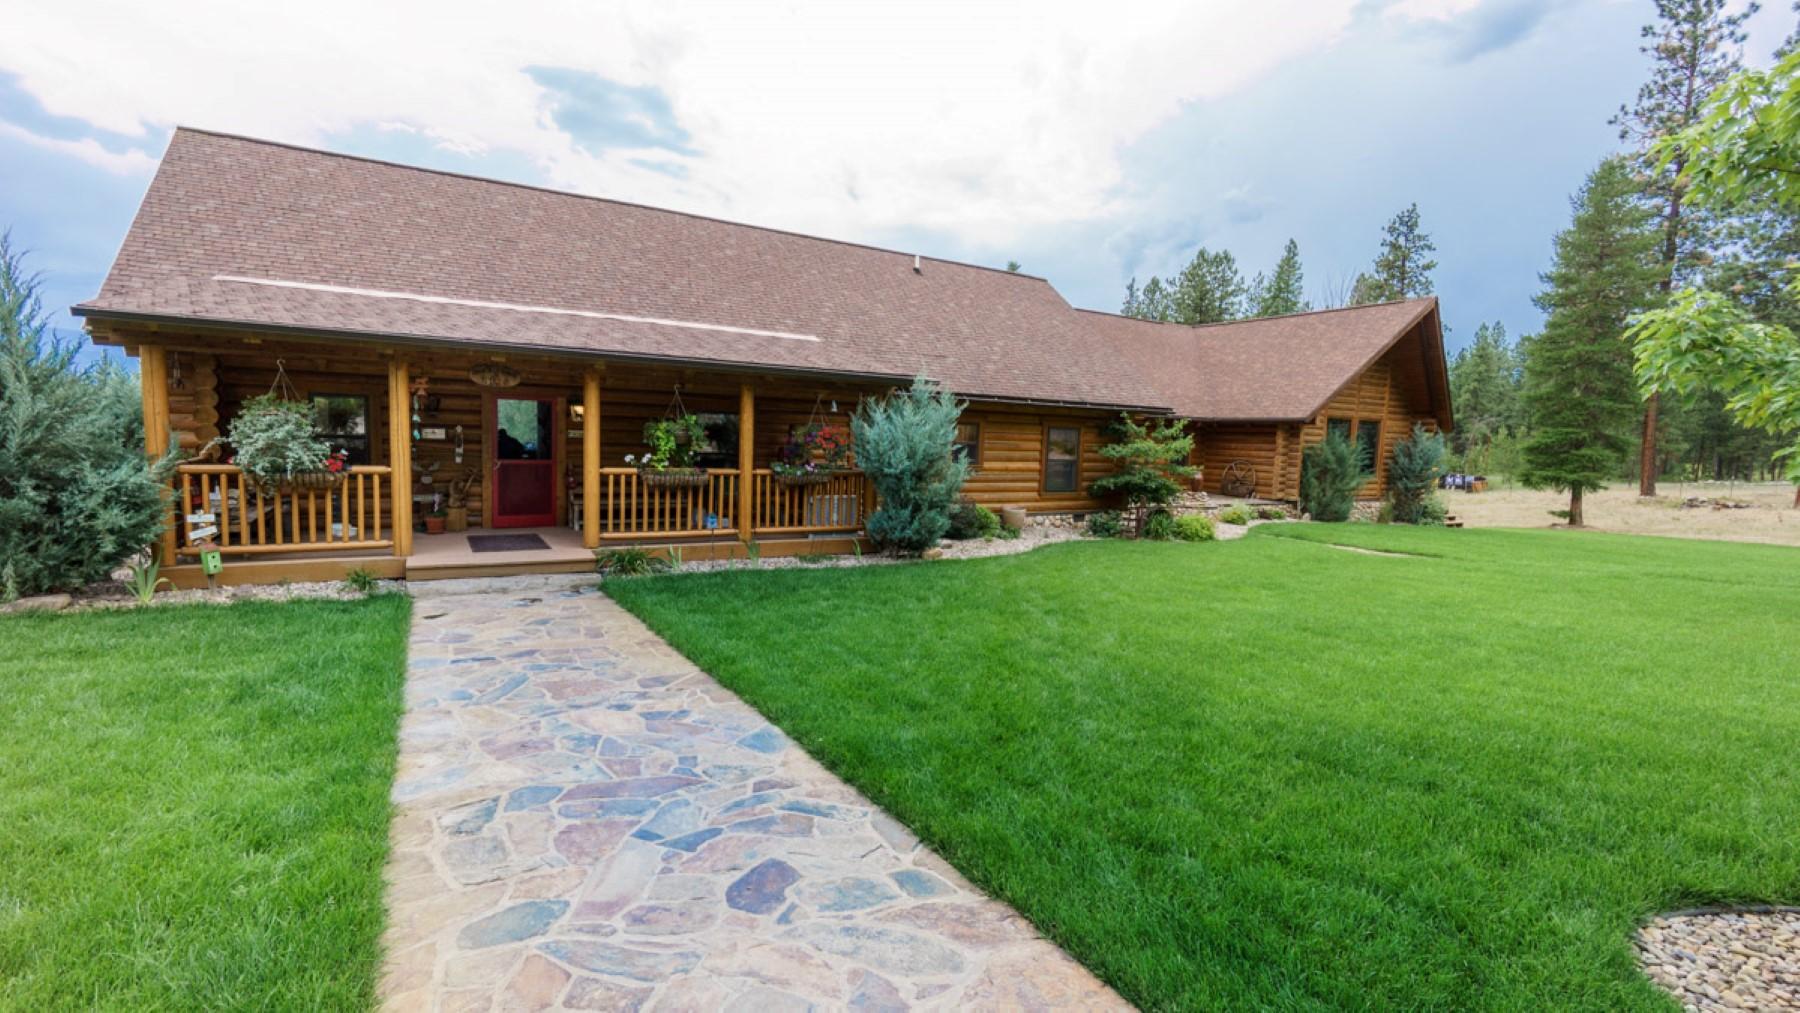 Частный односемейный дом для того Продажа на 20925 Spotted Fawn Road 20925 Spotted Fawn Rd Huson, Монтана, 59846 Соединенные Штаты